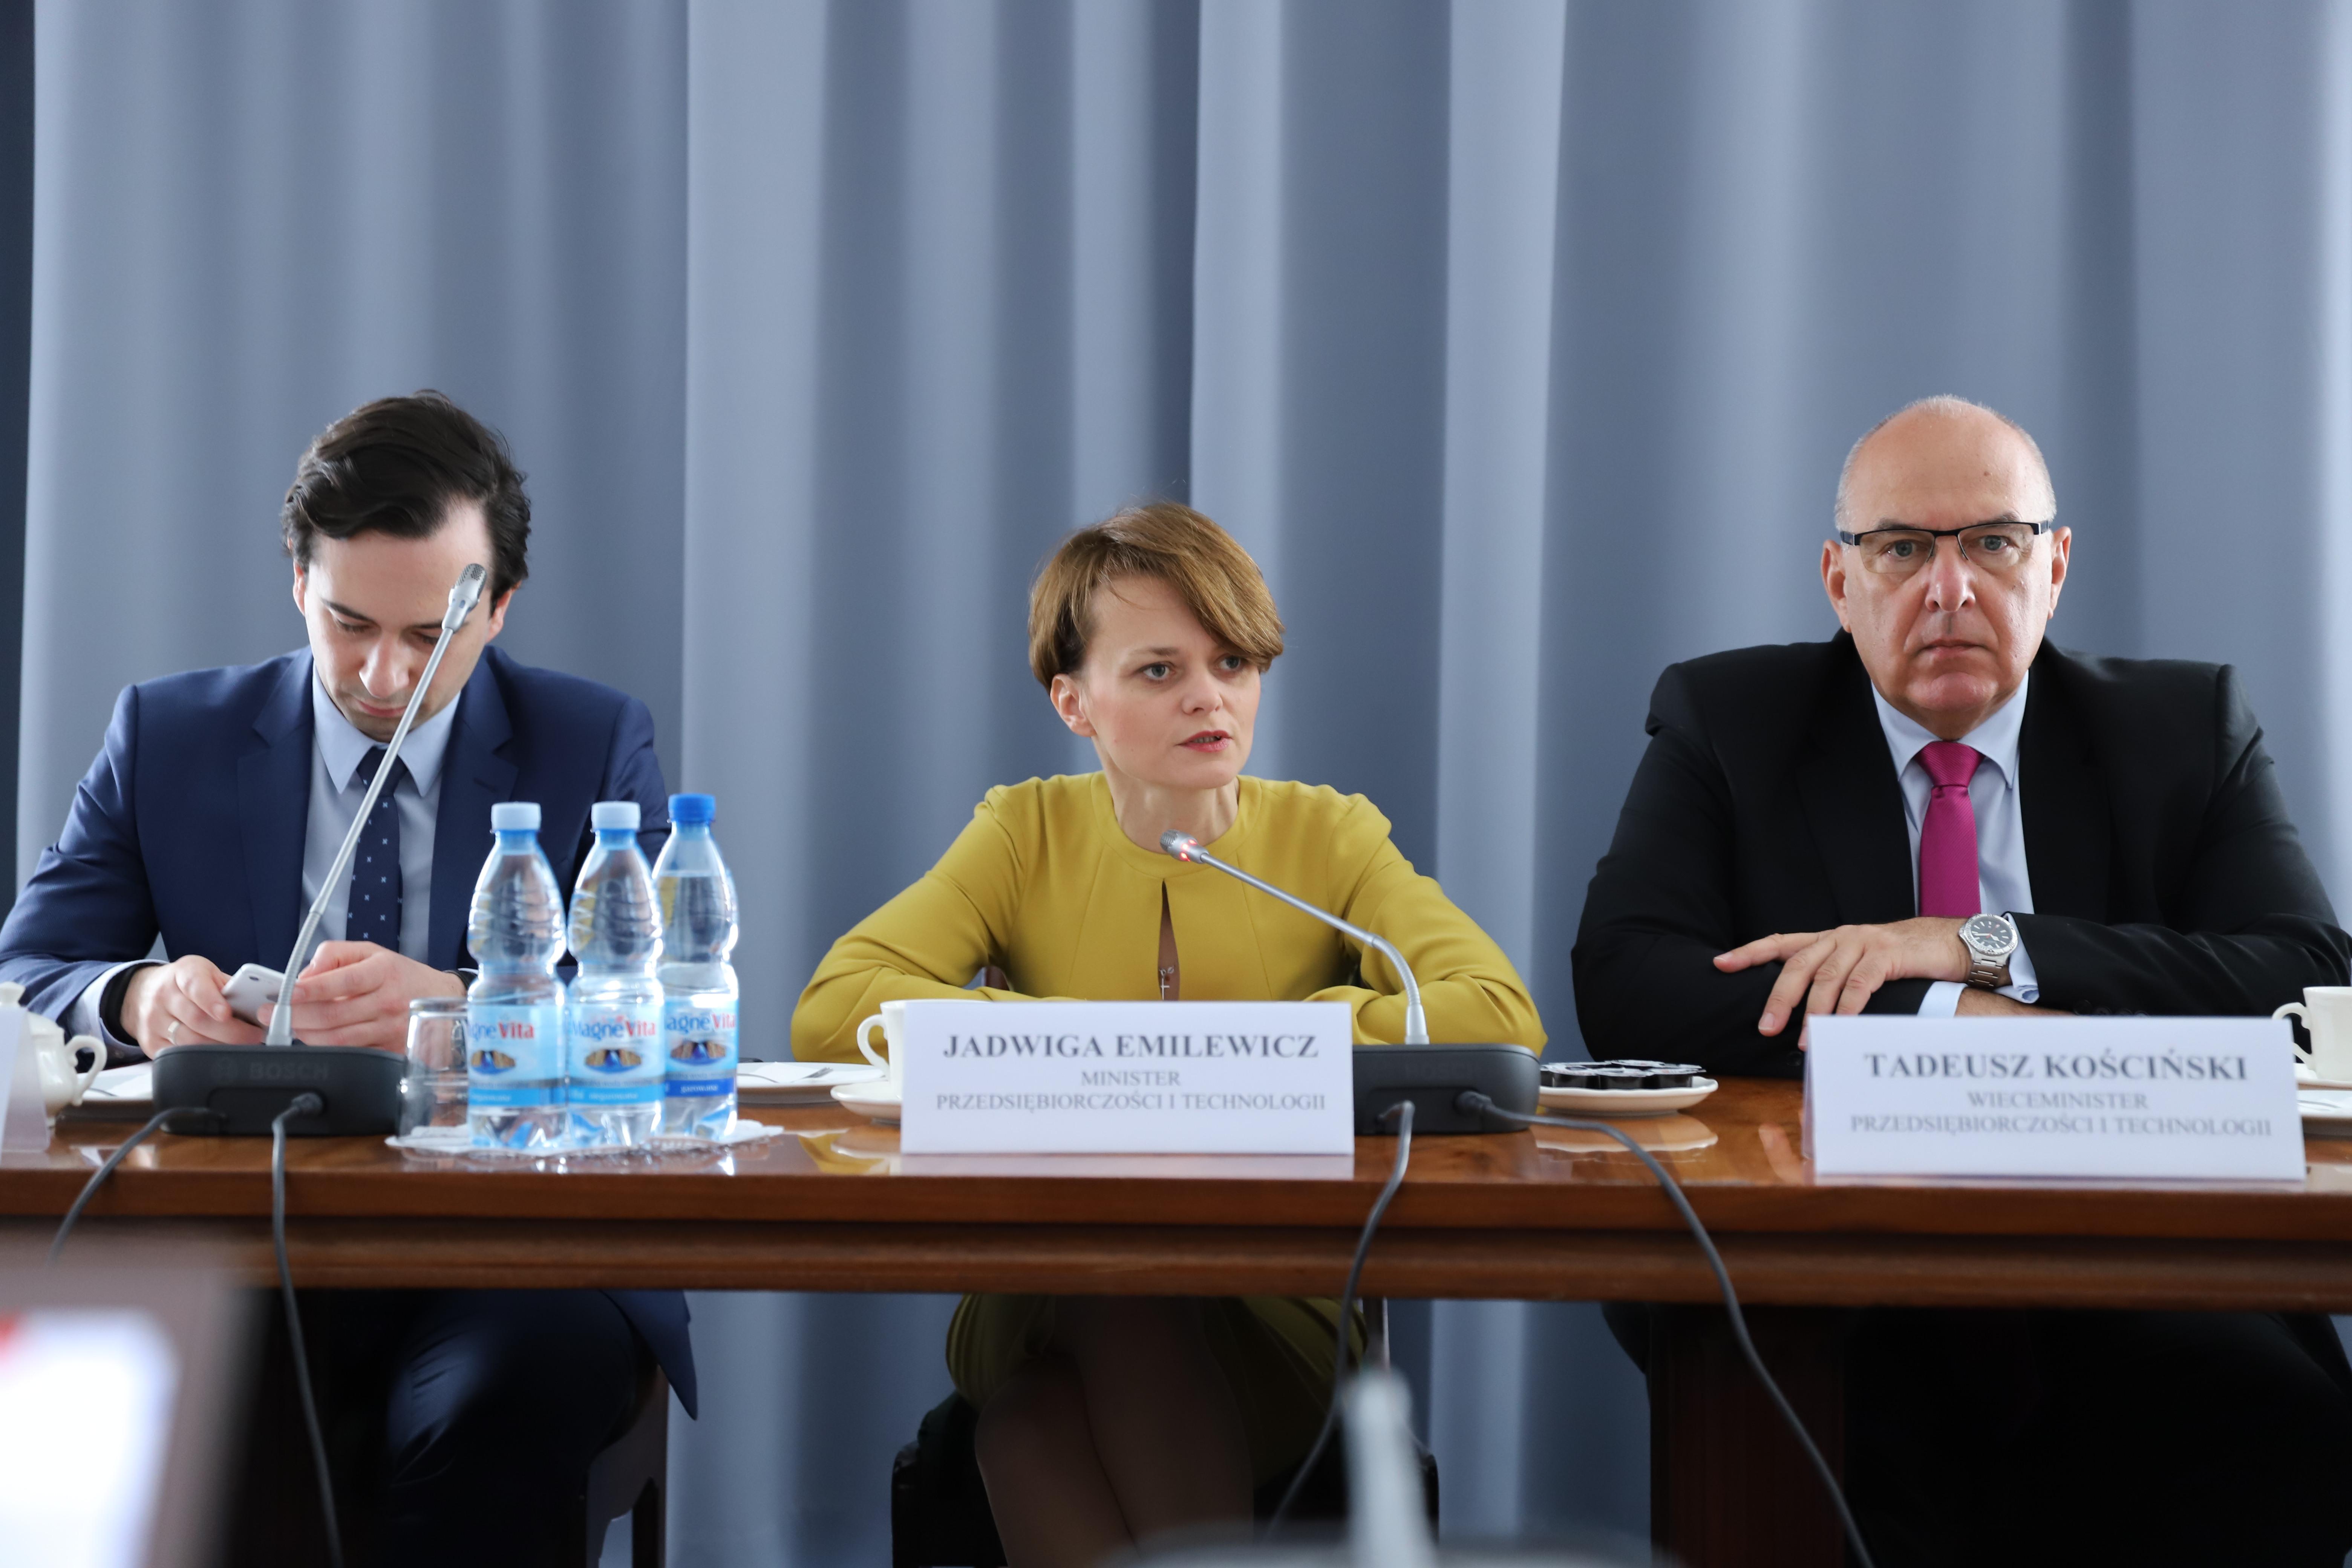 Od lewej: Dominik Wójcicki, Jadwiga Emilewicz, Tadeusz Kościński